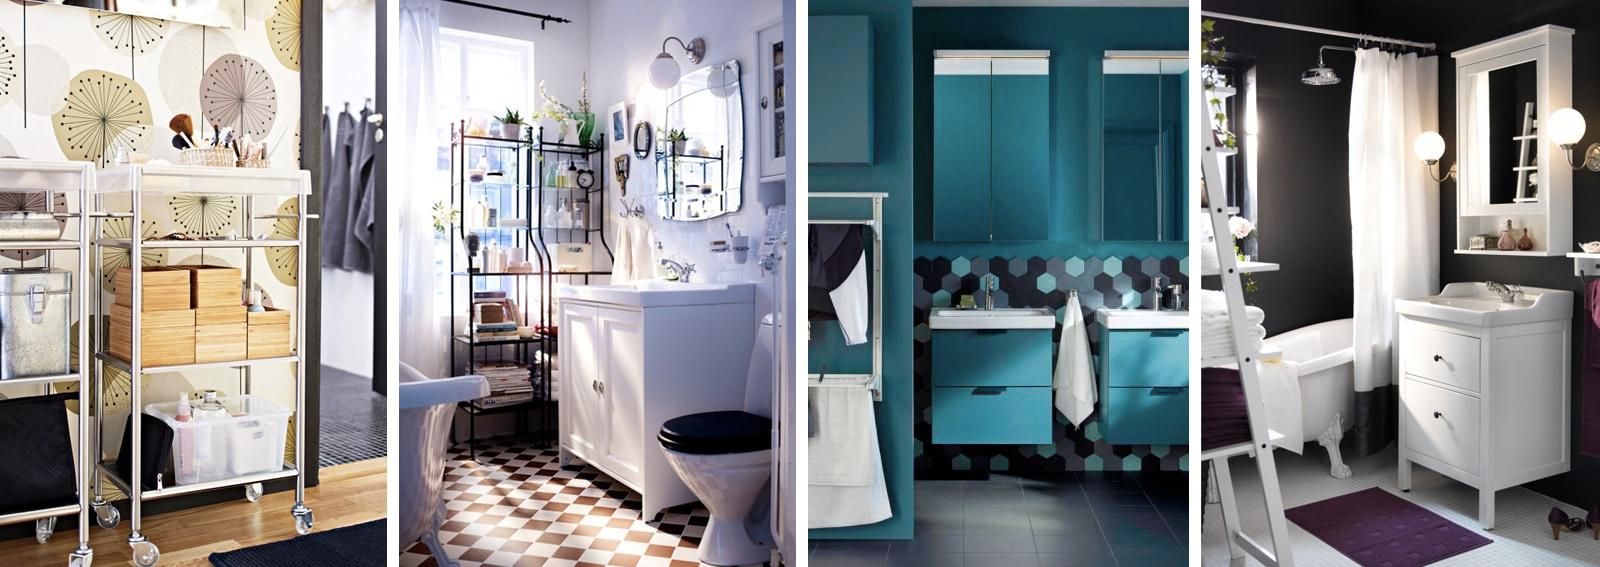 10 idee per arredare il bagno con ikea - Ikea idee bagno ...